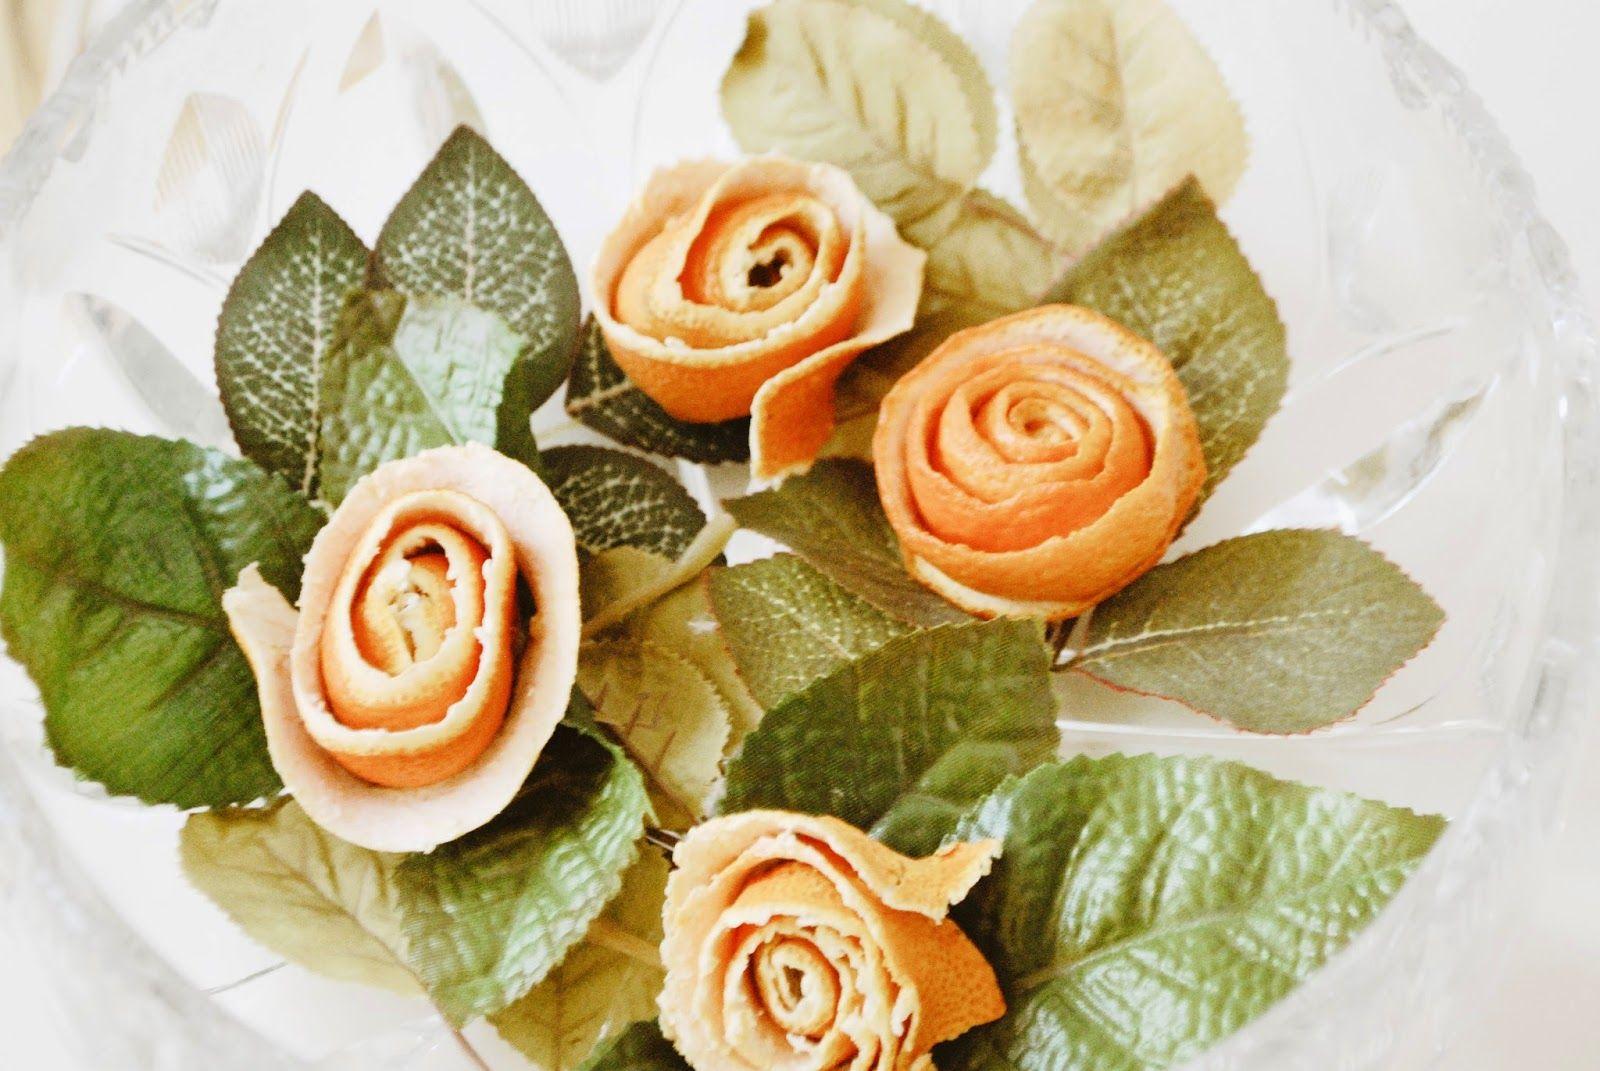 Iby Lippold Haushaltstipps : Rosen aus Clementinenschale